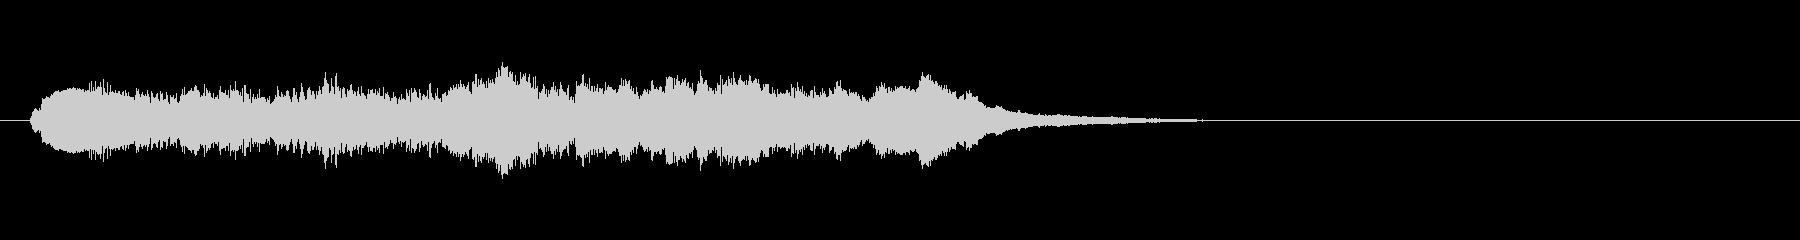 テーマ7:ピアノの未再生の波形